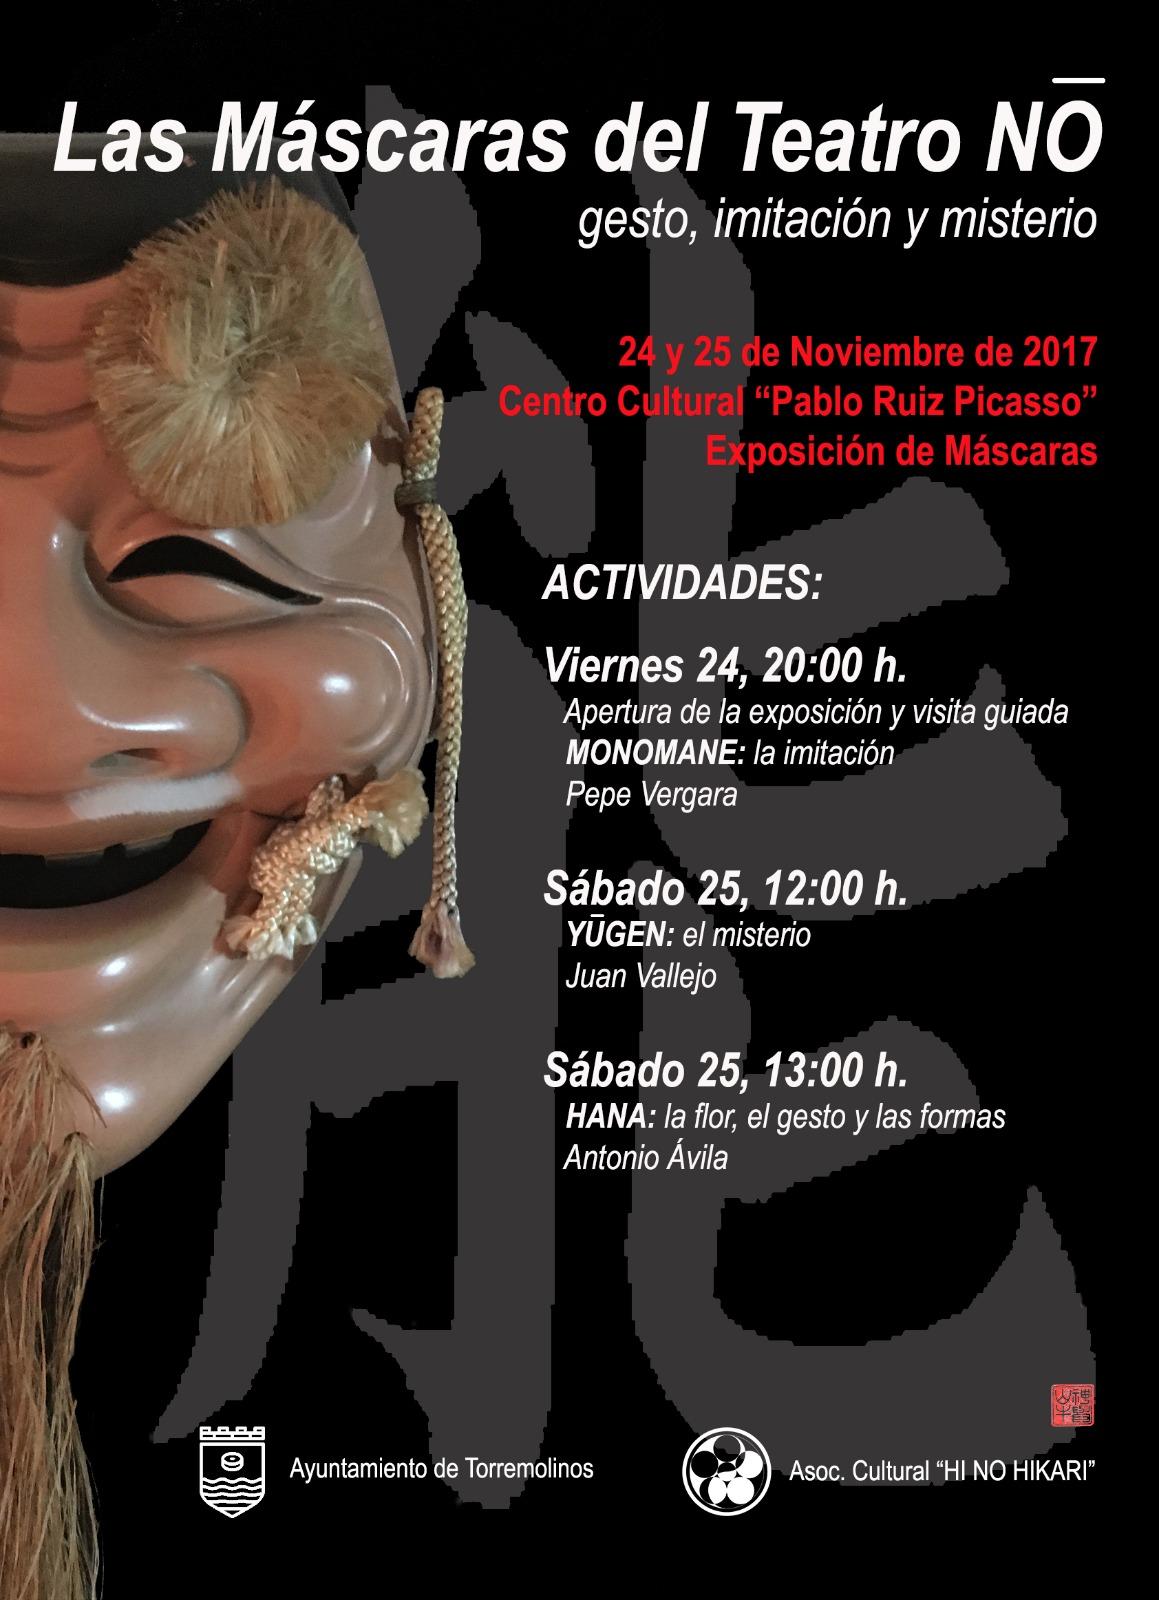 Los fundamentos del teatro clásico japonés aterrizan en Torremolinos con una exposición de máscaras